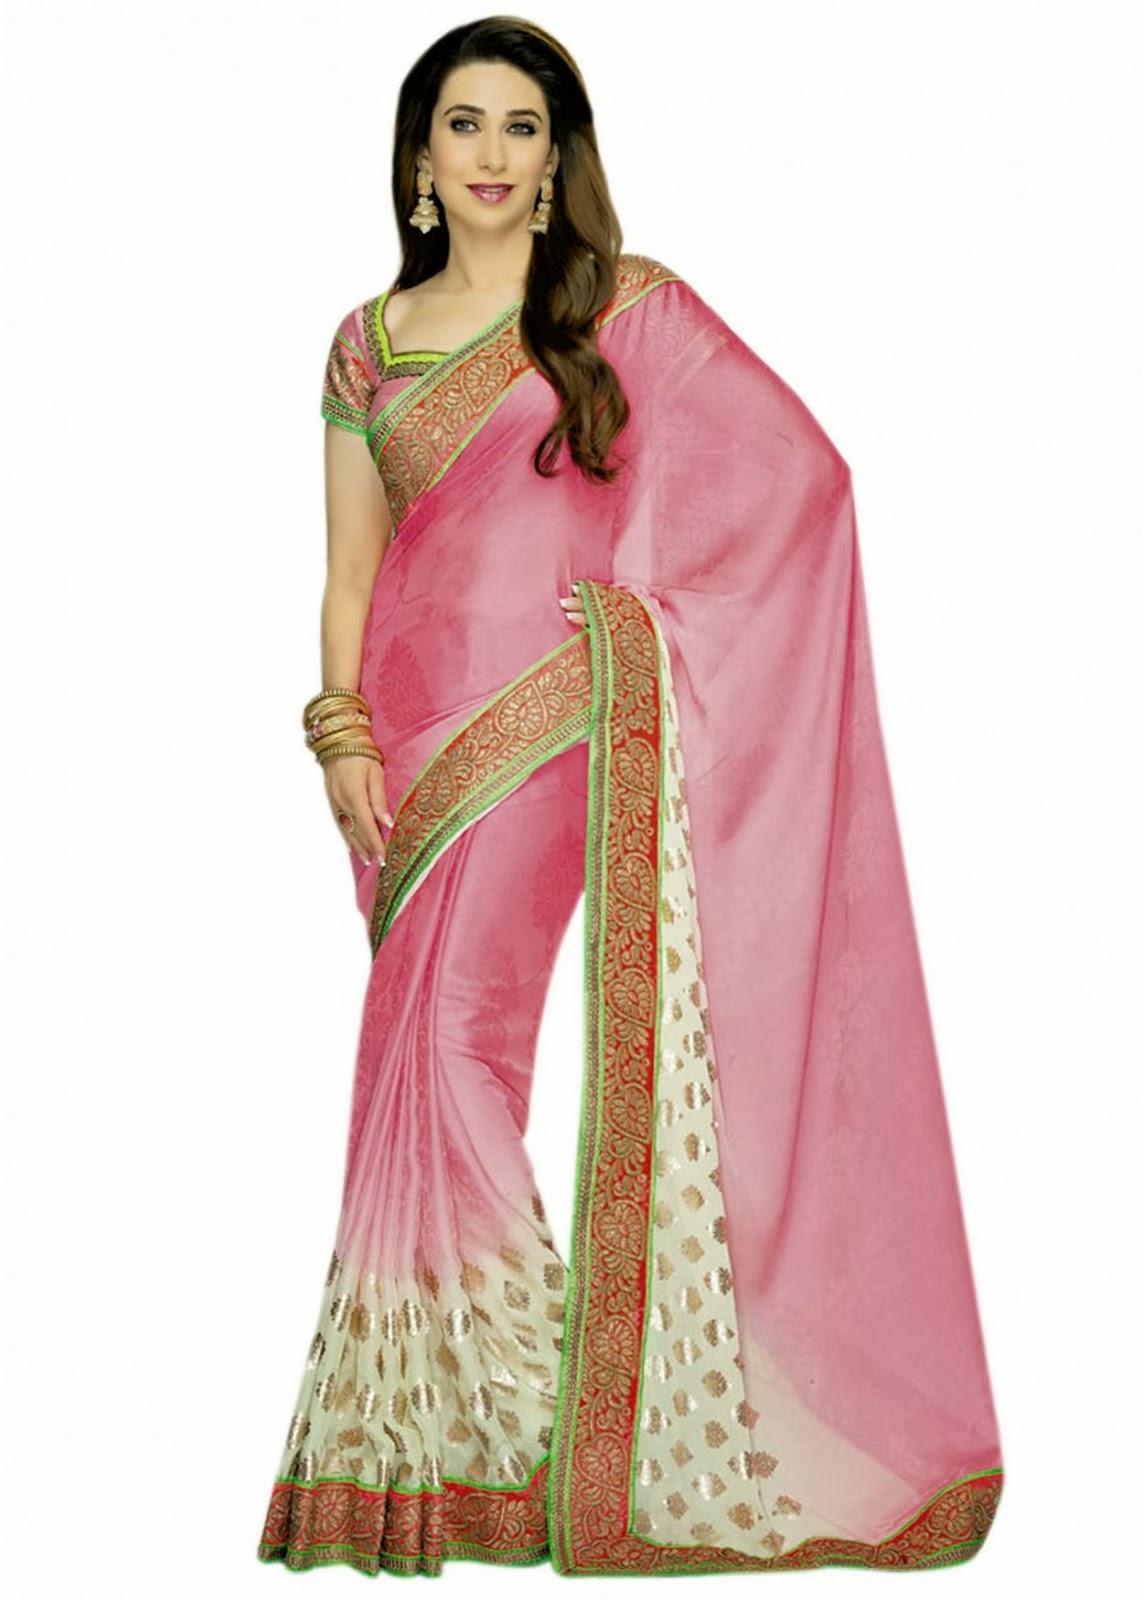 Indian Traditional Dress Saree Or Sari For Women